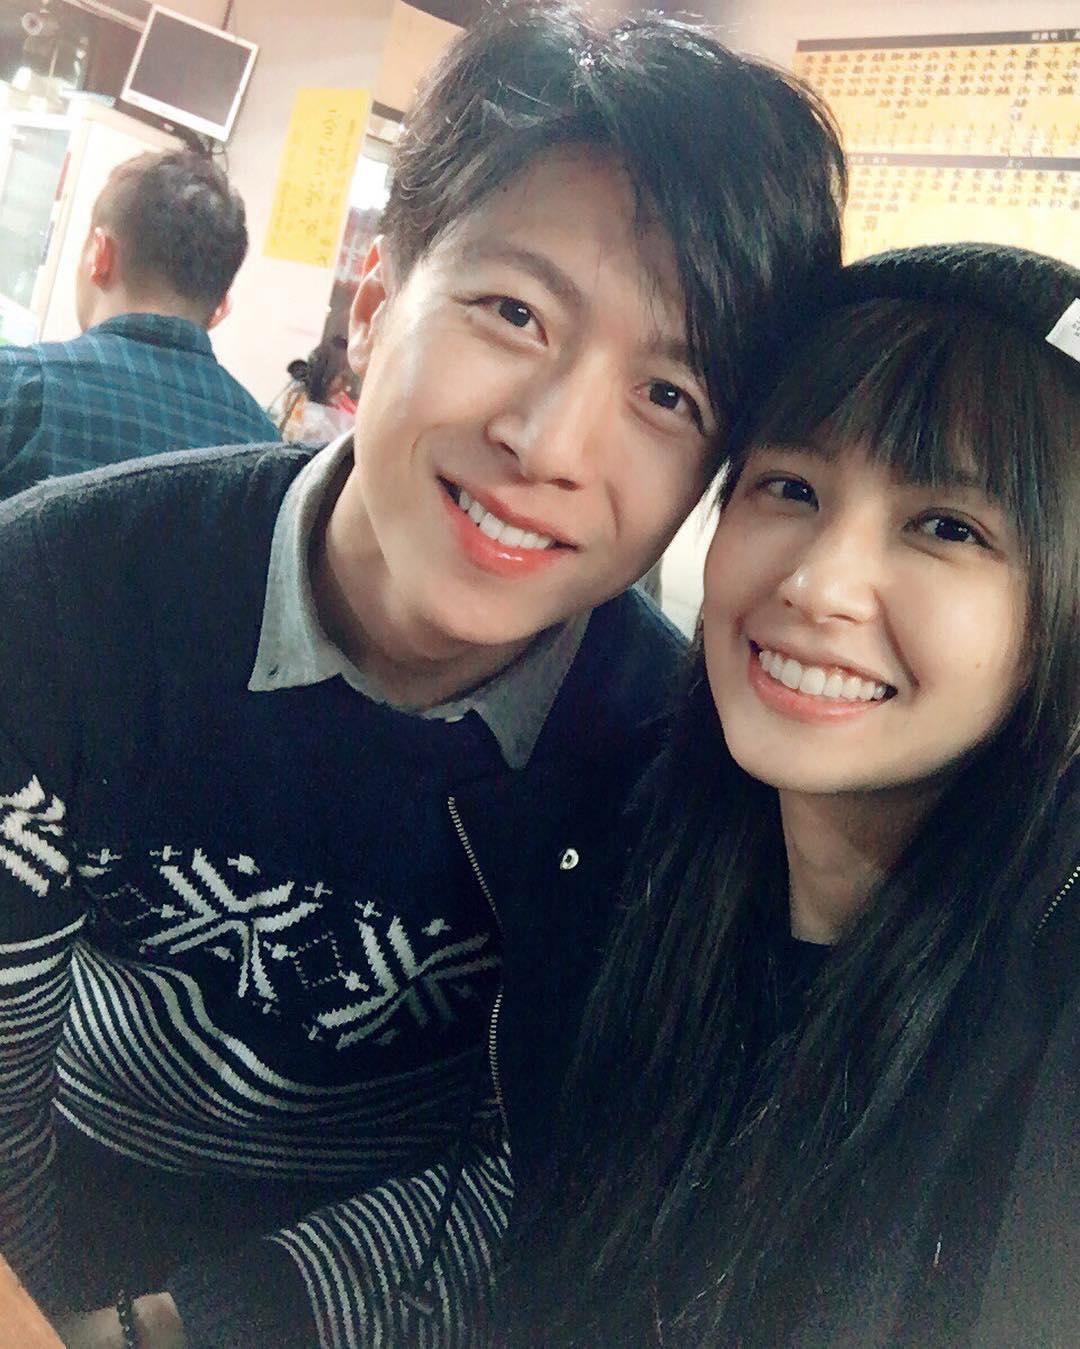 去年底袁艾菲(右)正式在臉書公開和男友的合照。(翻攝自袁艾菲臉書)